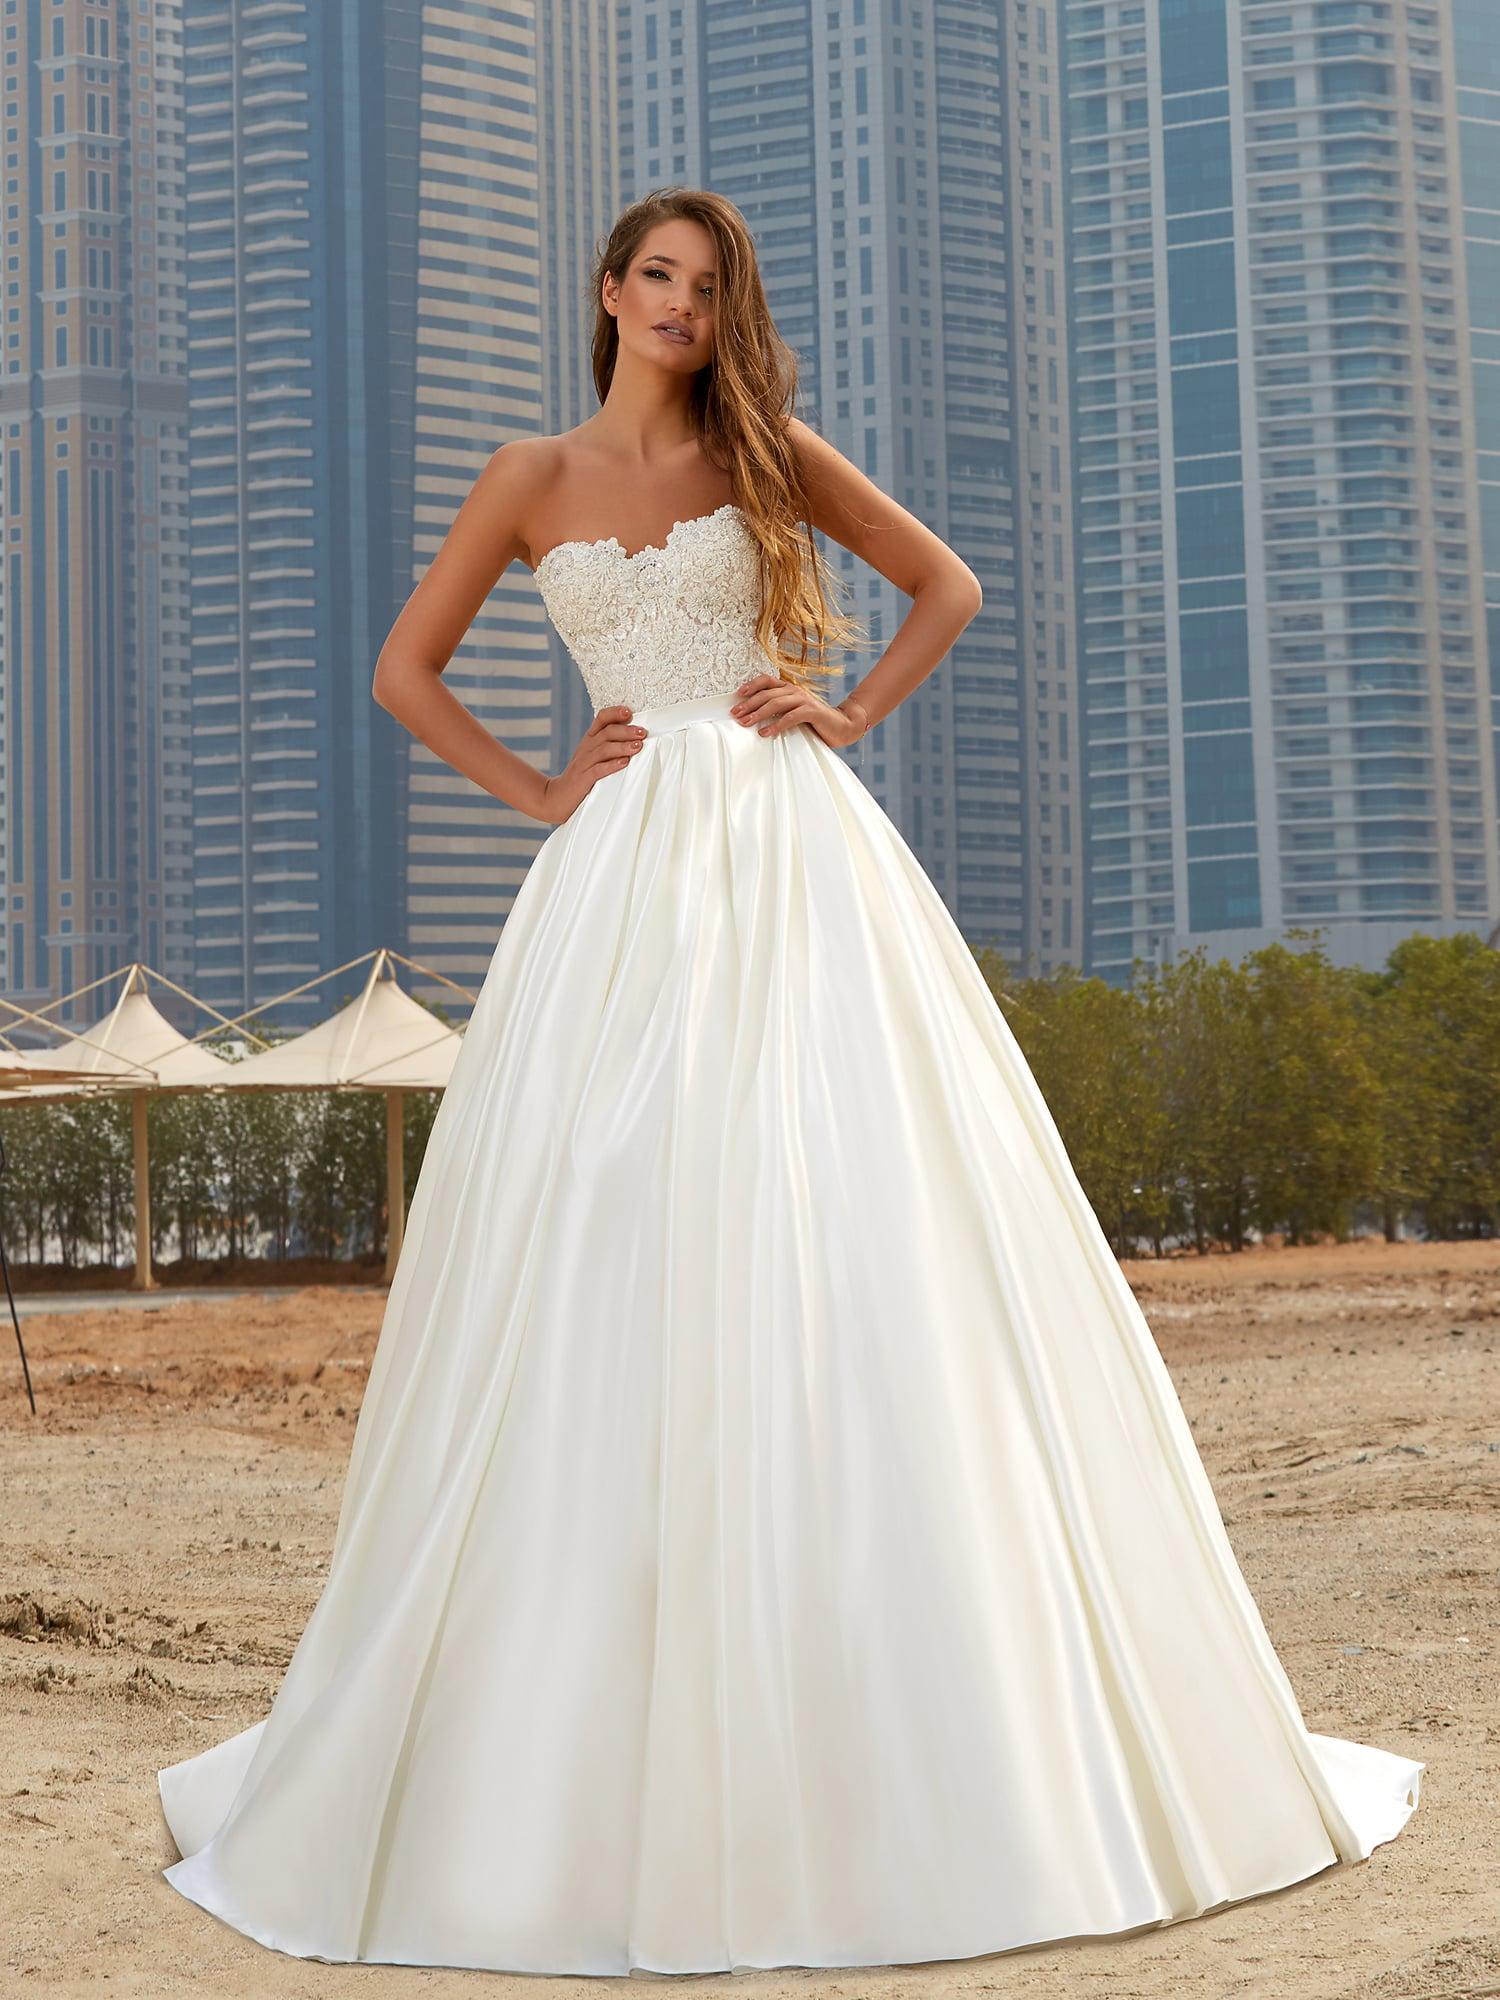 d2a2dd769 Свадебное платье Lanesta Amandola. Купить свадебное платье в салоне ...